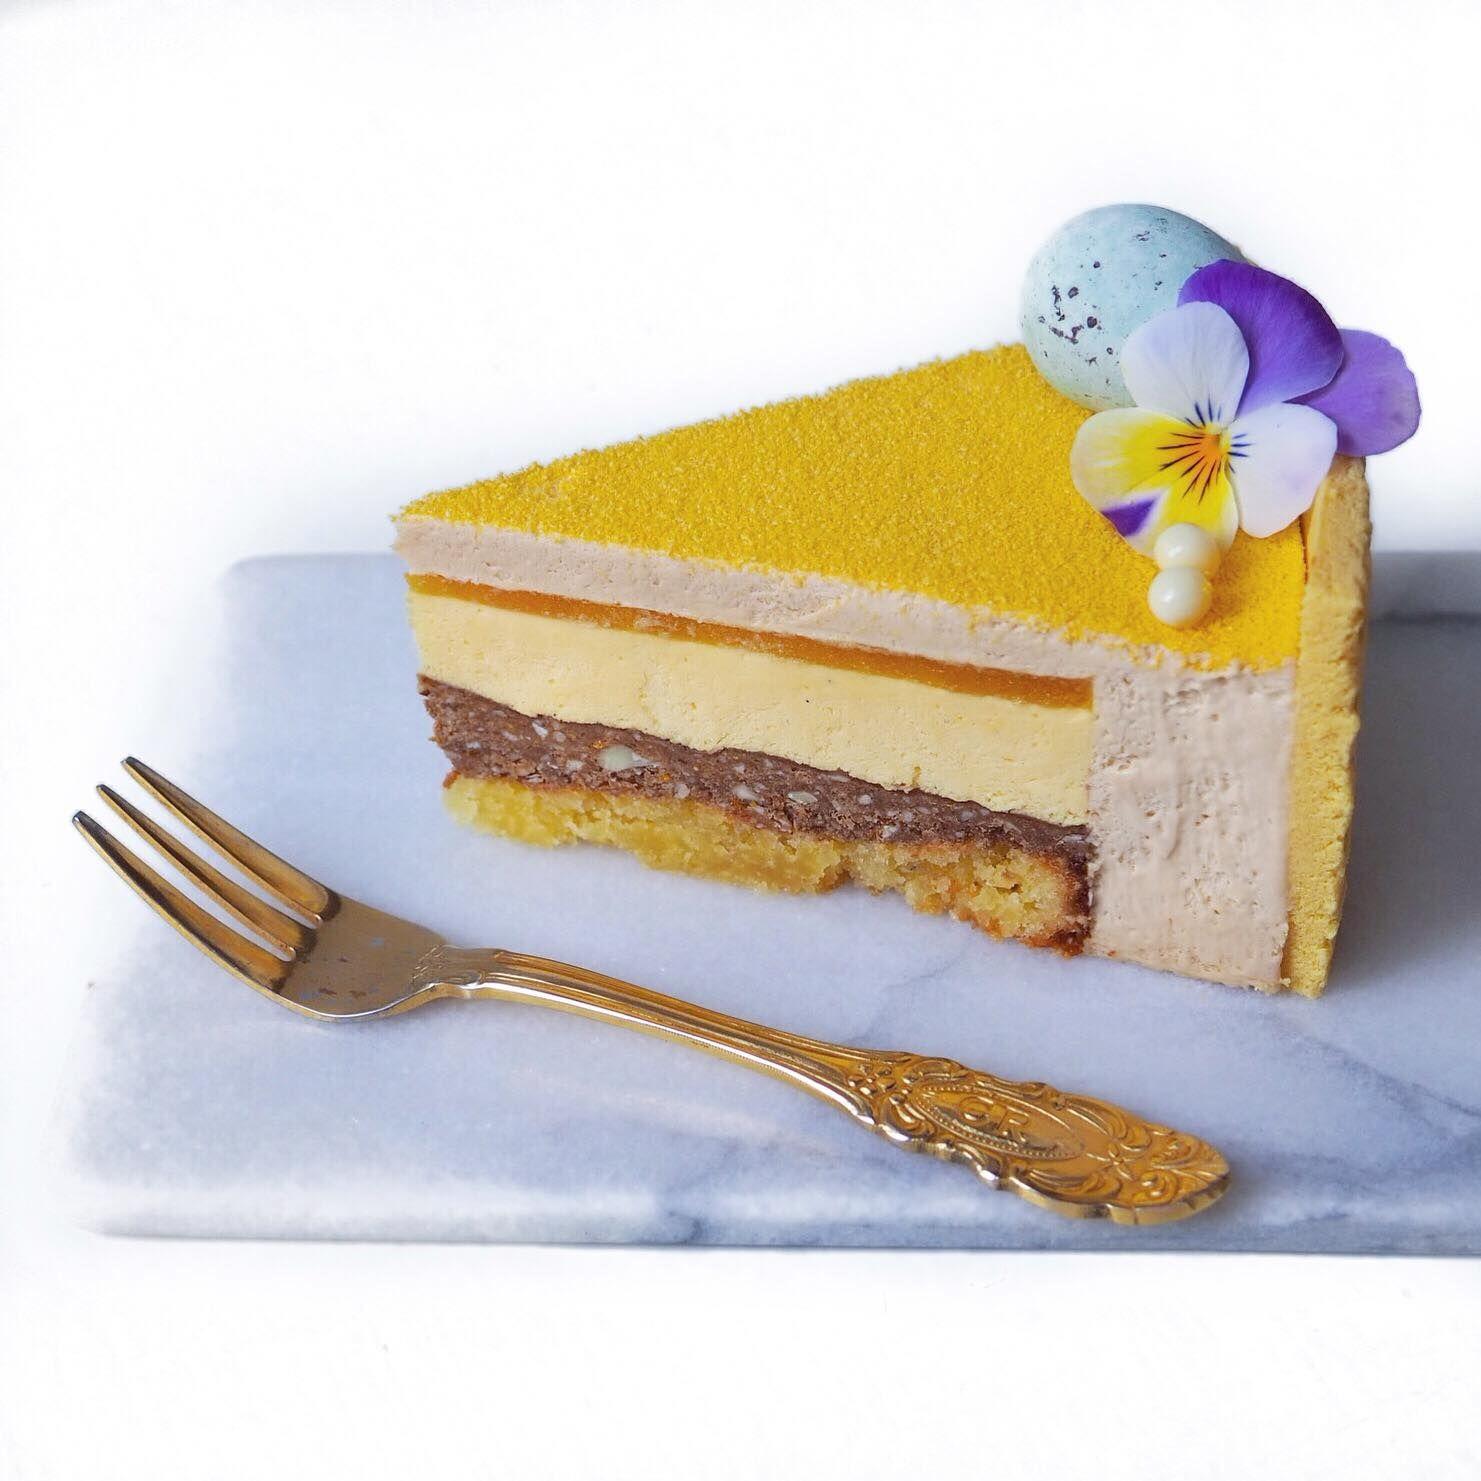 Min Tredje Og Muligvis En Af De Allerbedste Kager Til Dato Paskekage 3 0 I 2020 Med Billeder Dessert Elegante Kager Laekre Kager